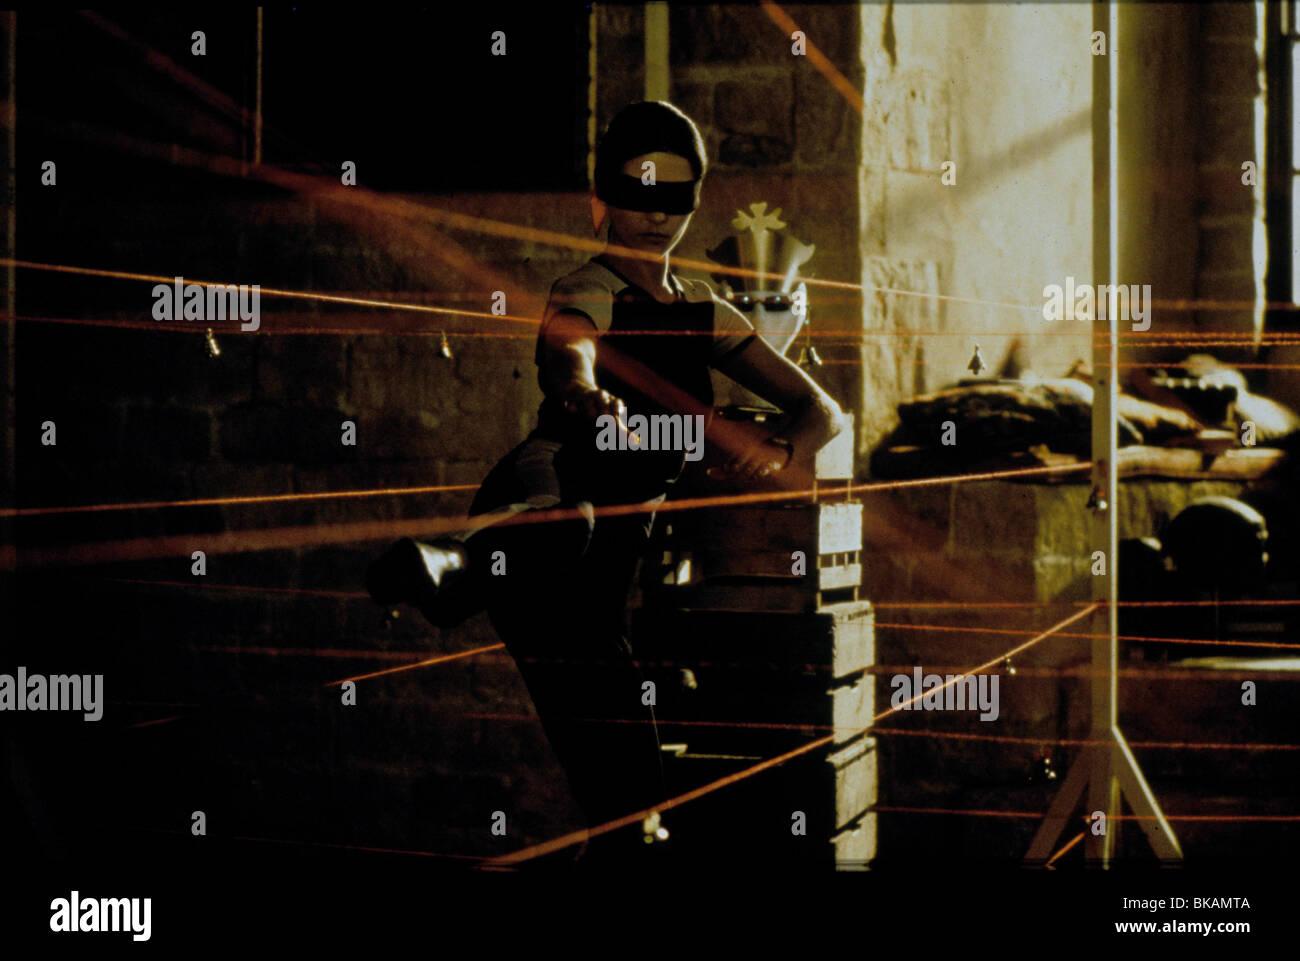 ENTRAPMENT (1999) CATHERINE ZETA-JONES ETPM 001 - Stock Image